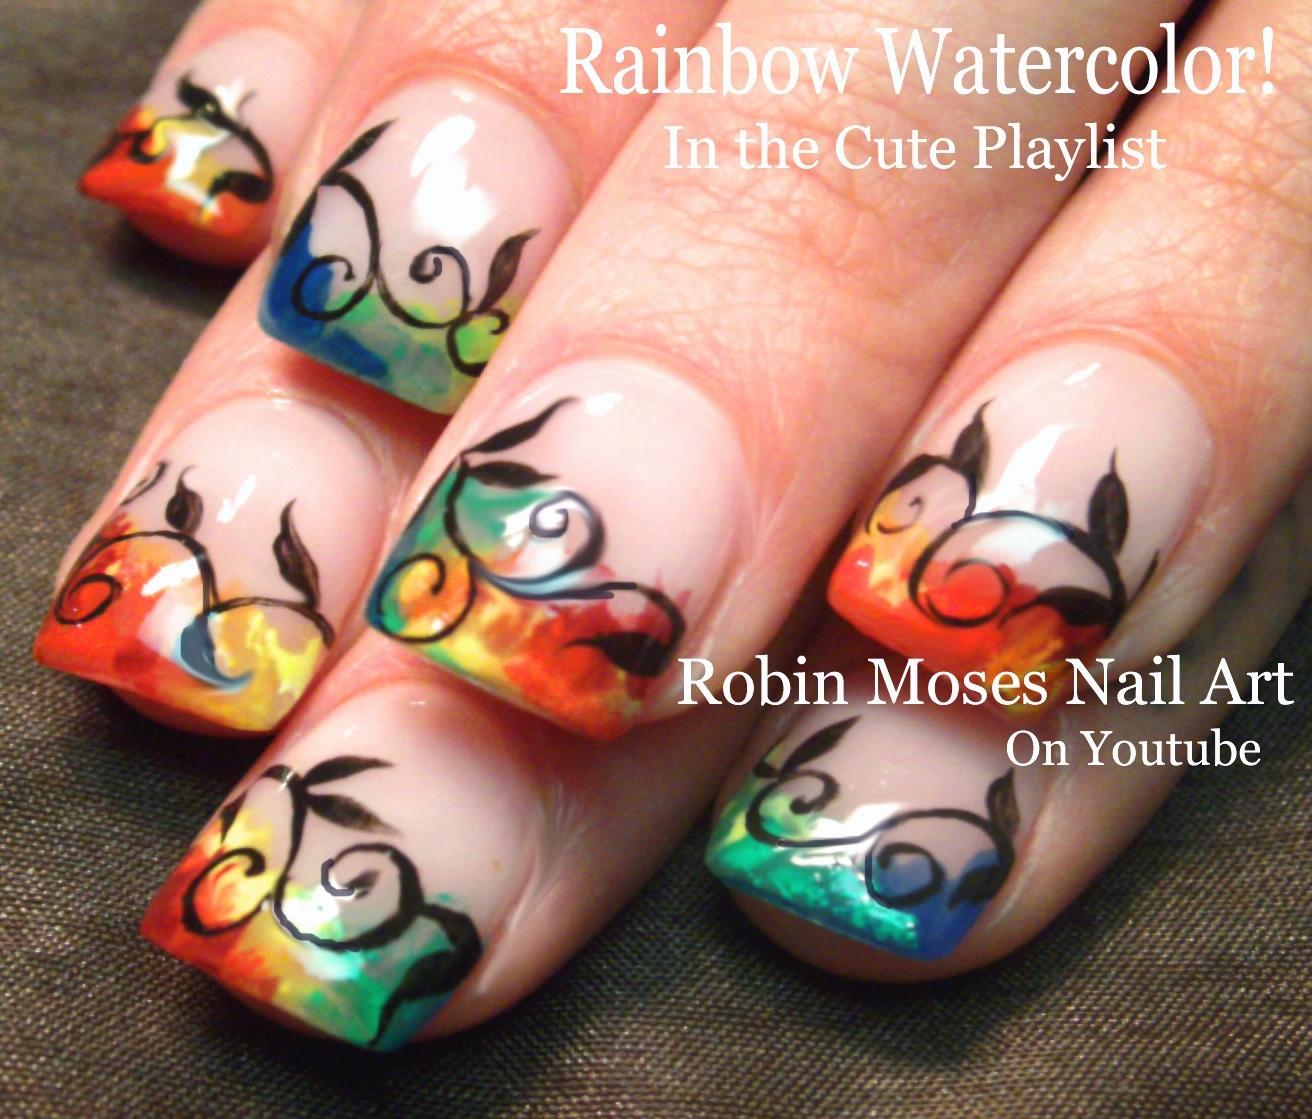 Nail Art by Robin Moses: Rainbow Watercolor Nails ...